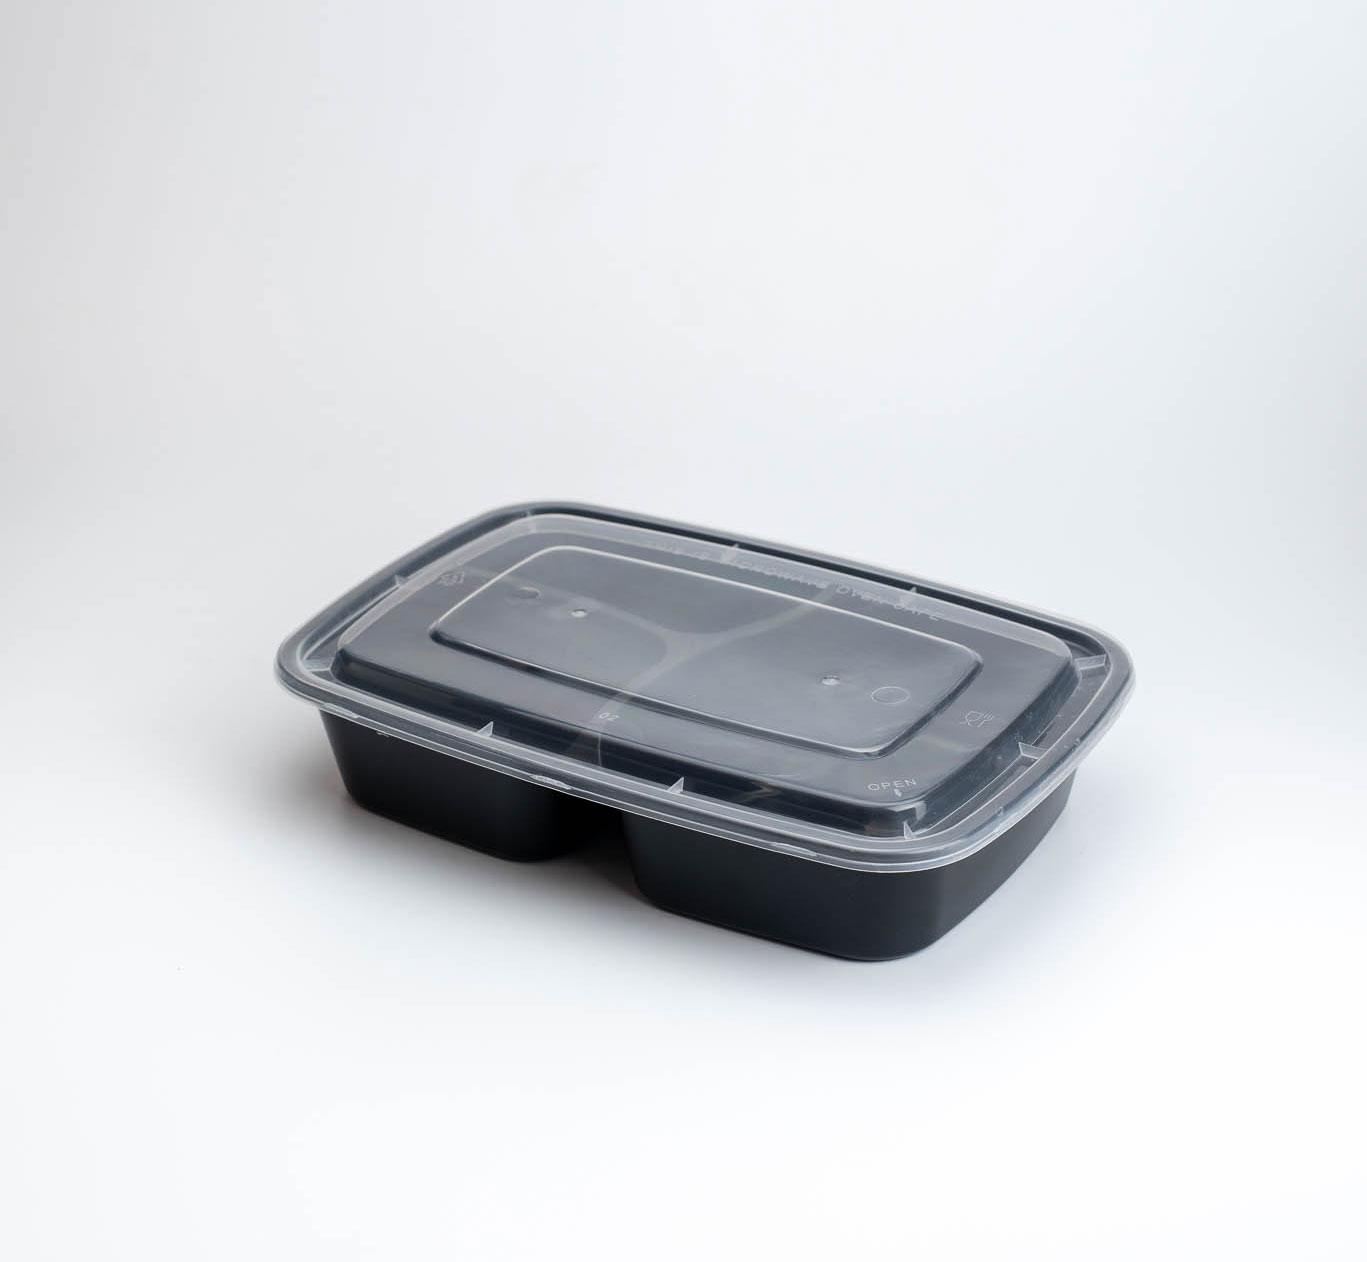 กล่องอาหารพลาสติก 3 ช่อง 800ml